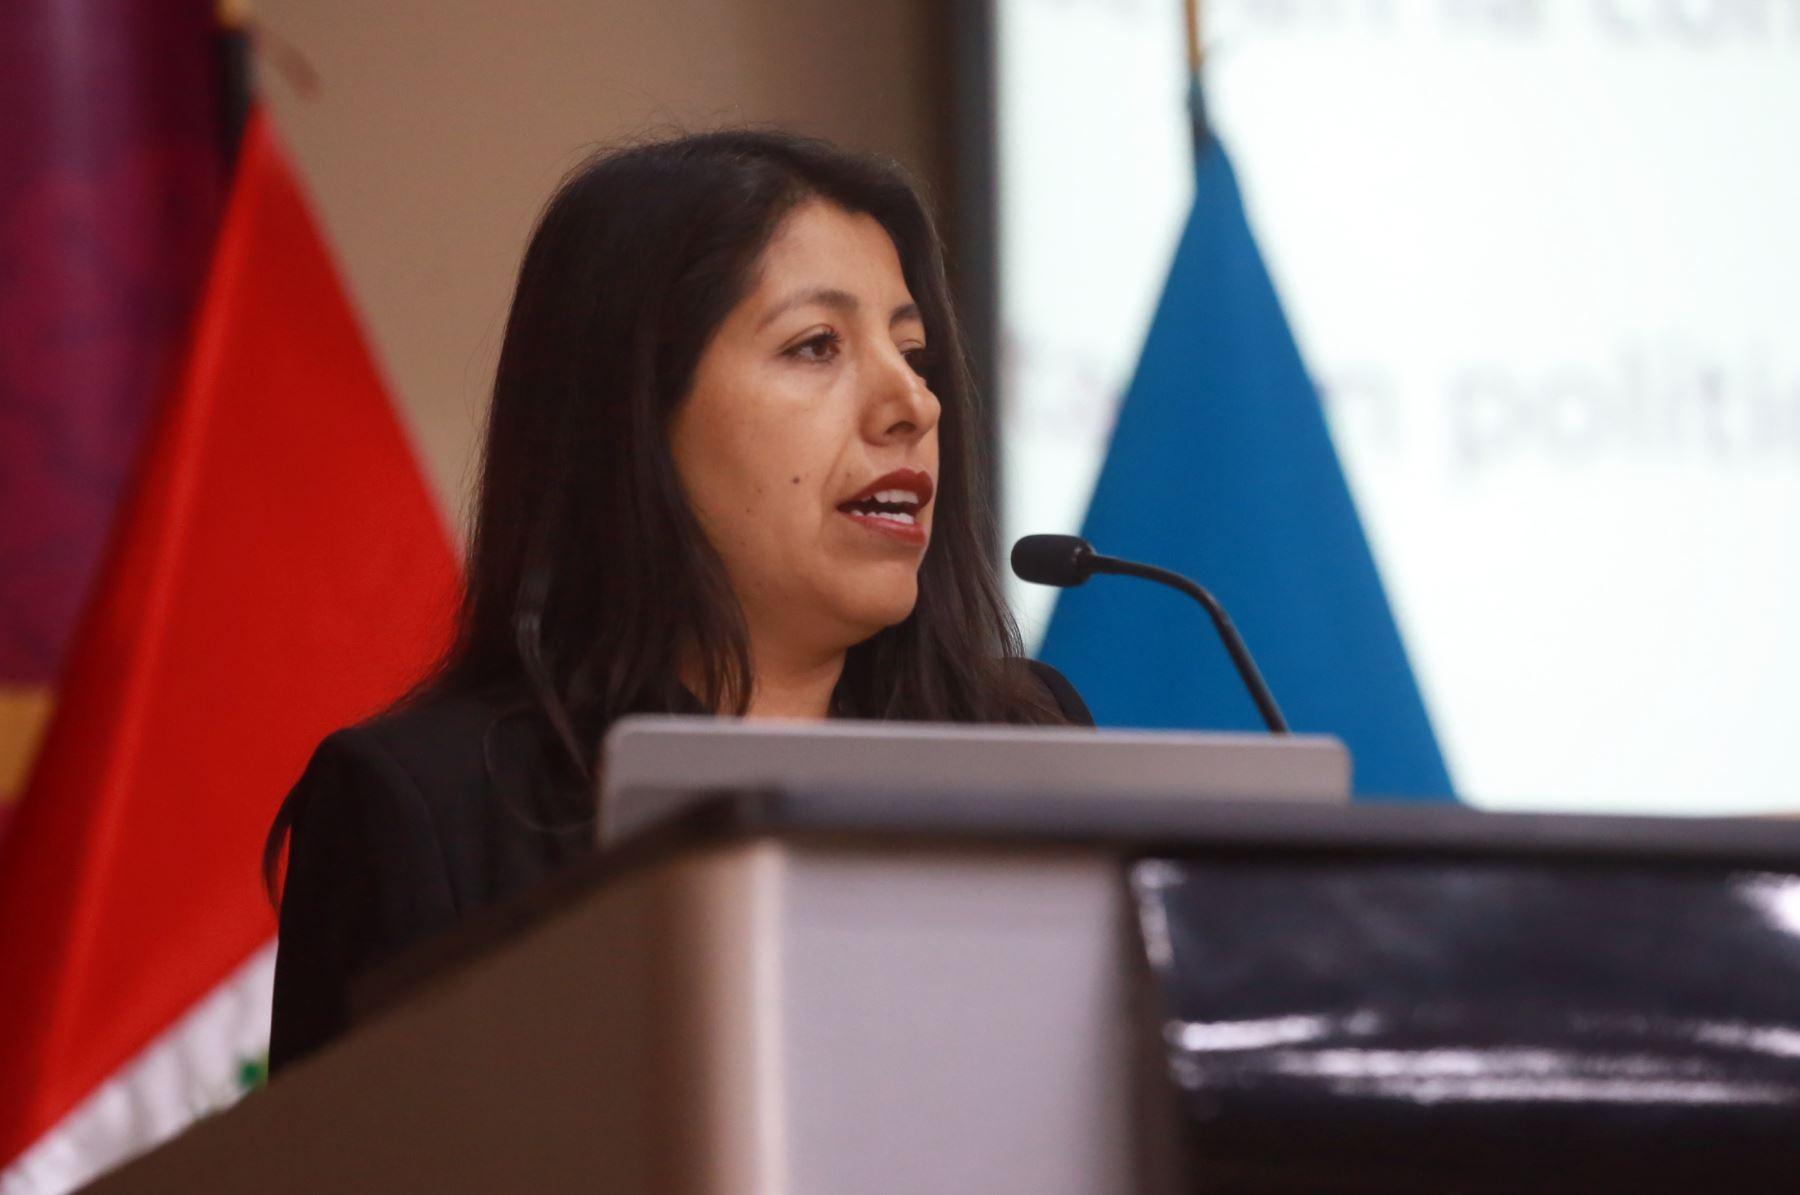 Jefa de la oficina legal del proyecto especial para los Juegos Panamericanos Lima 2019, Amalia Moreno. ANDINA/Jhony Laurente